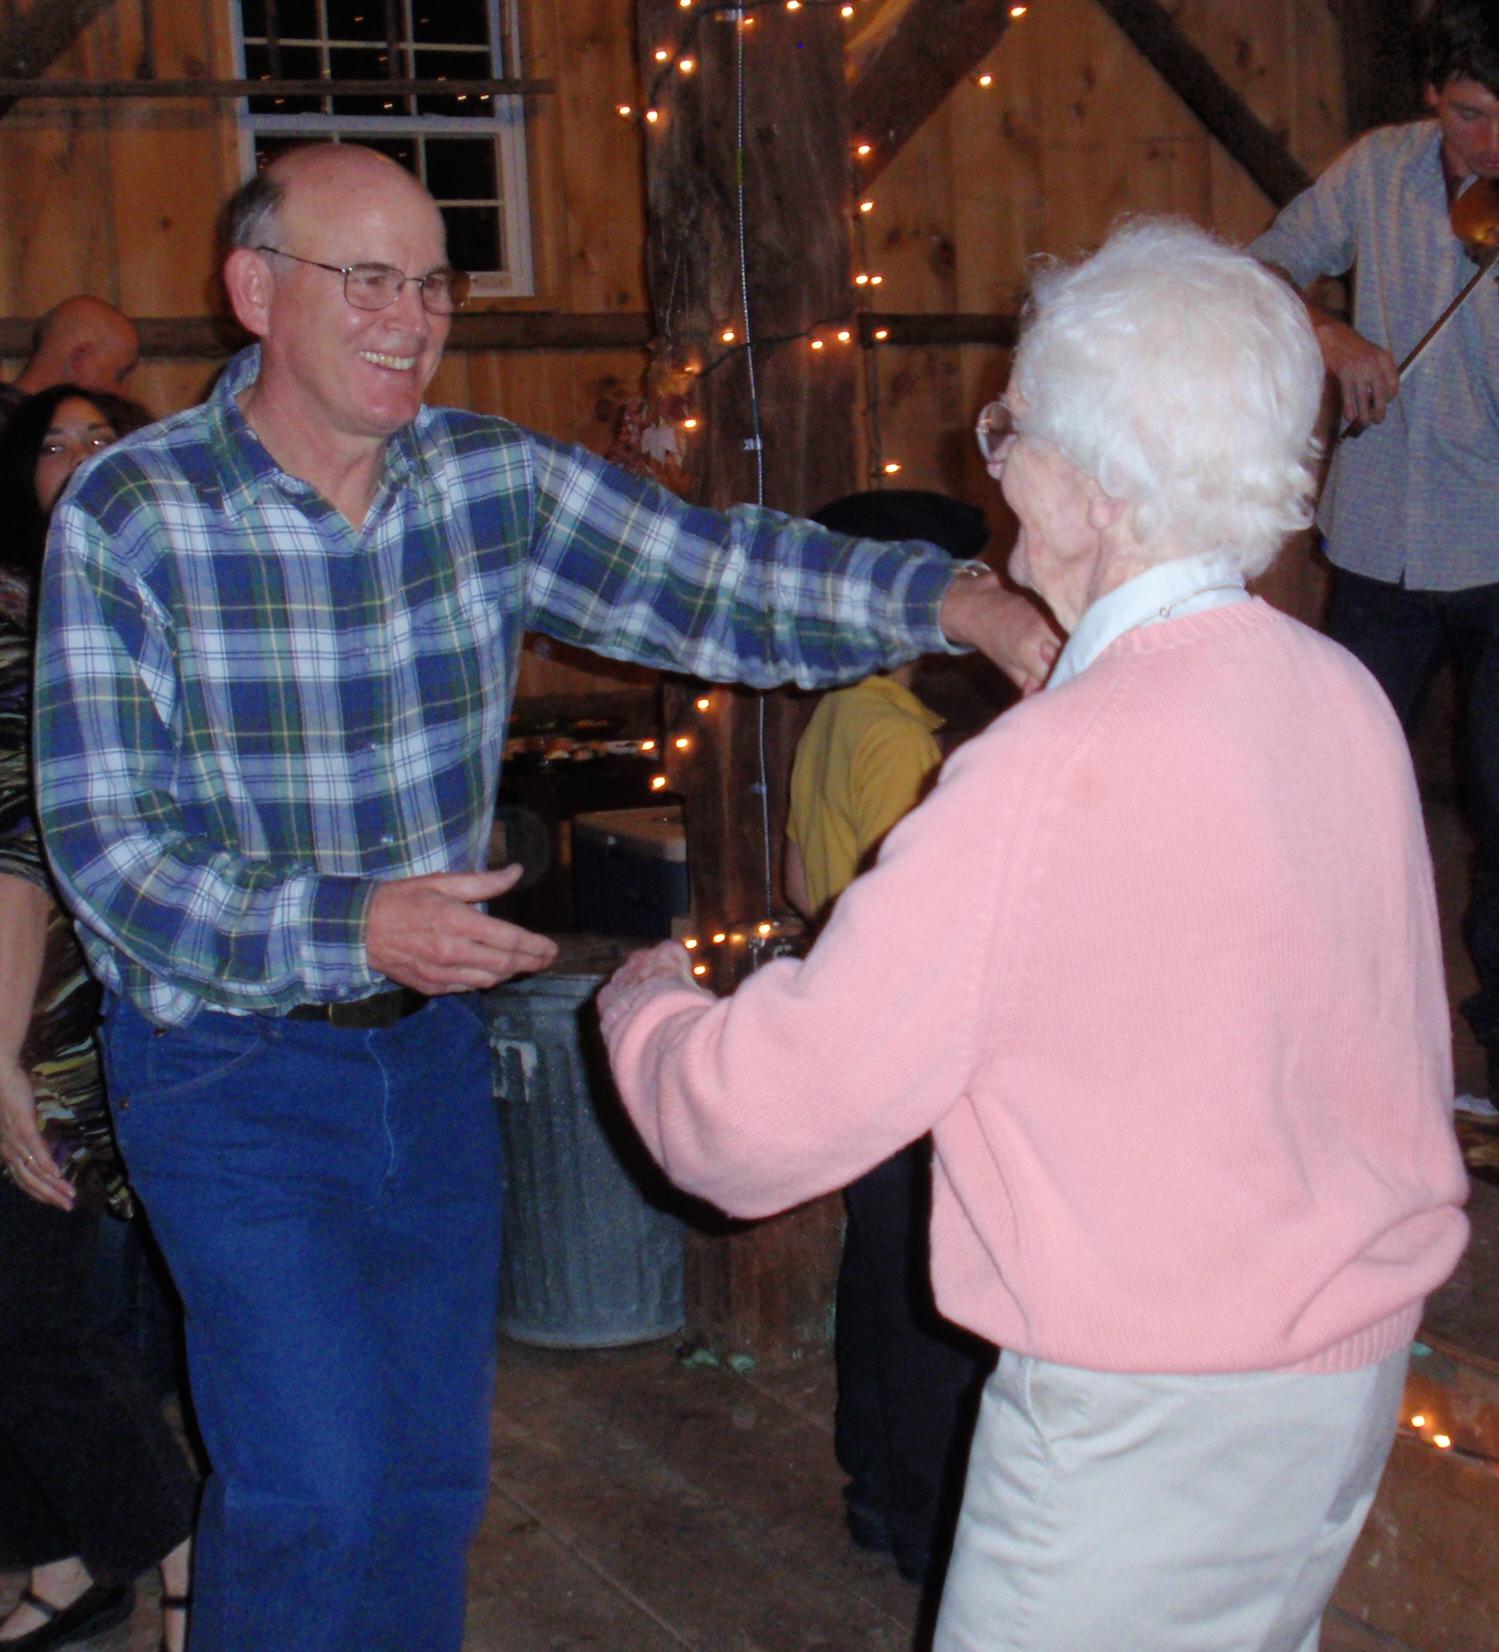 Marion Broaddus Dancing